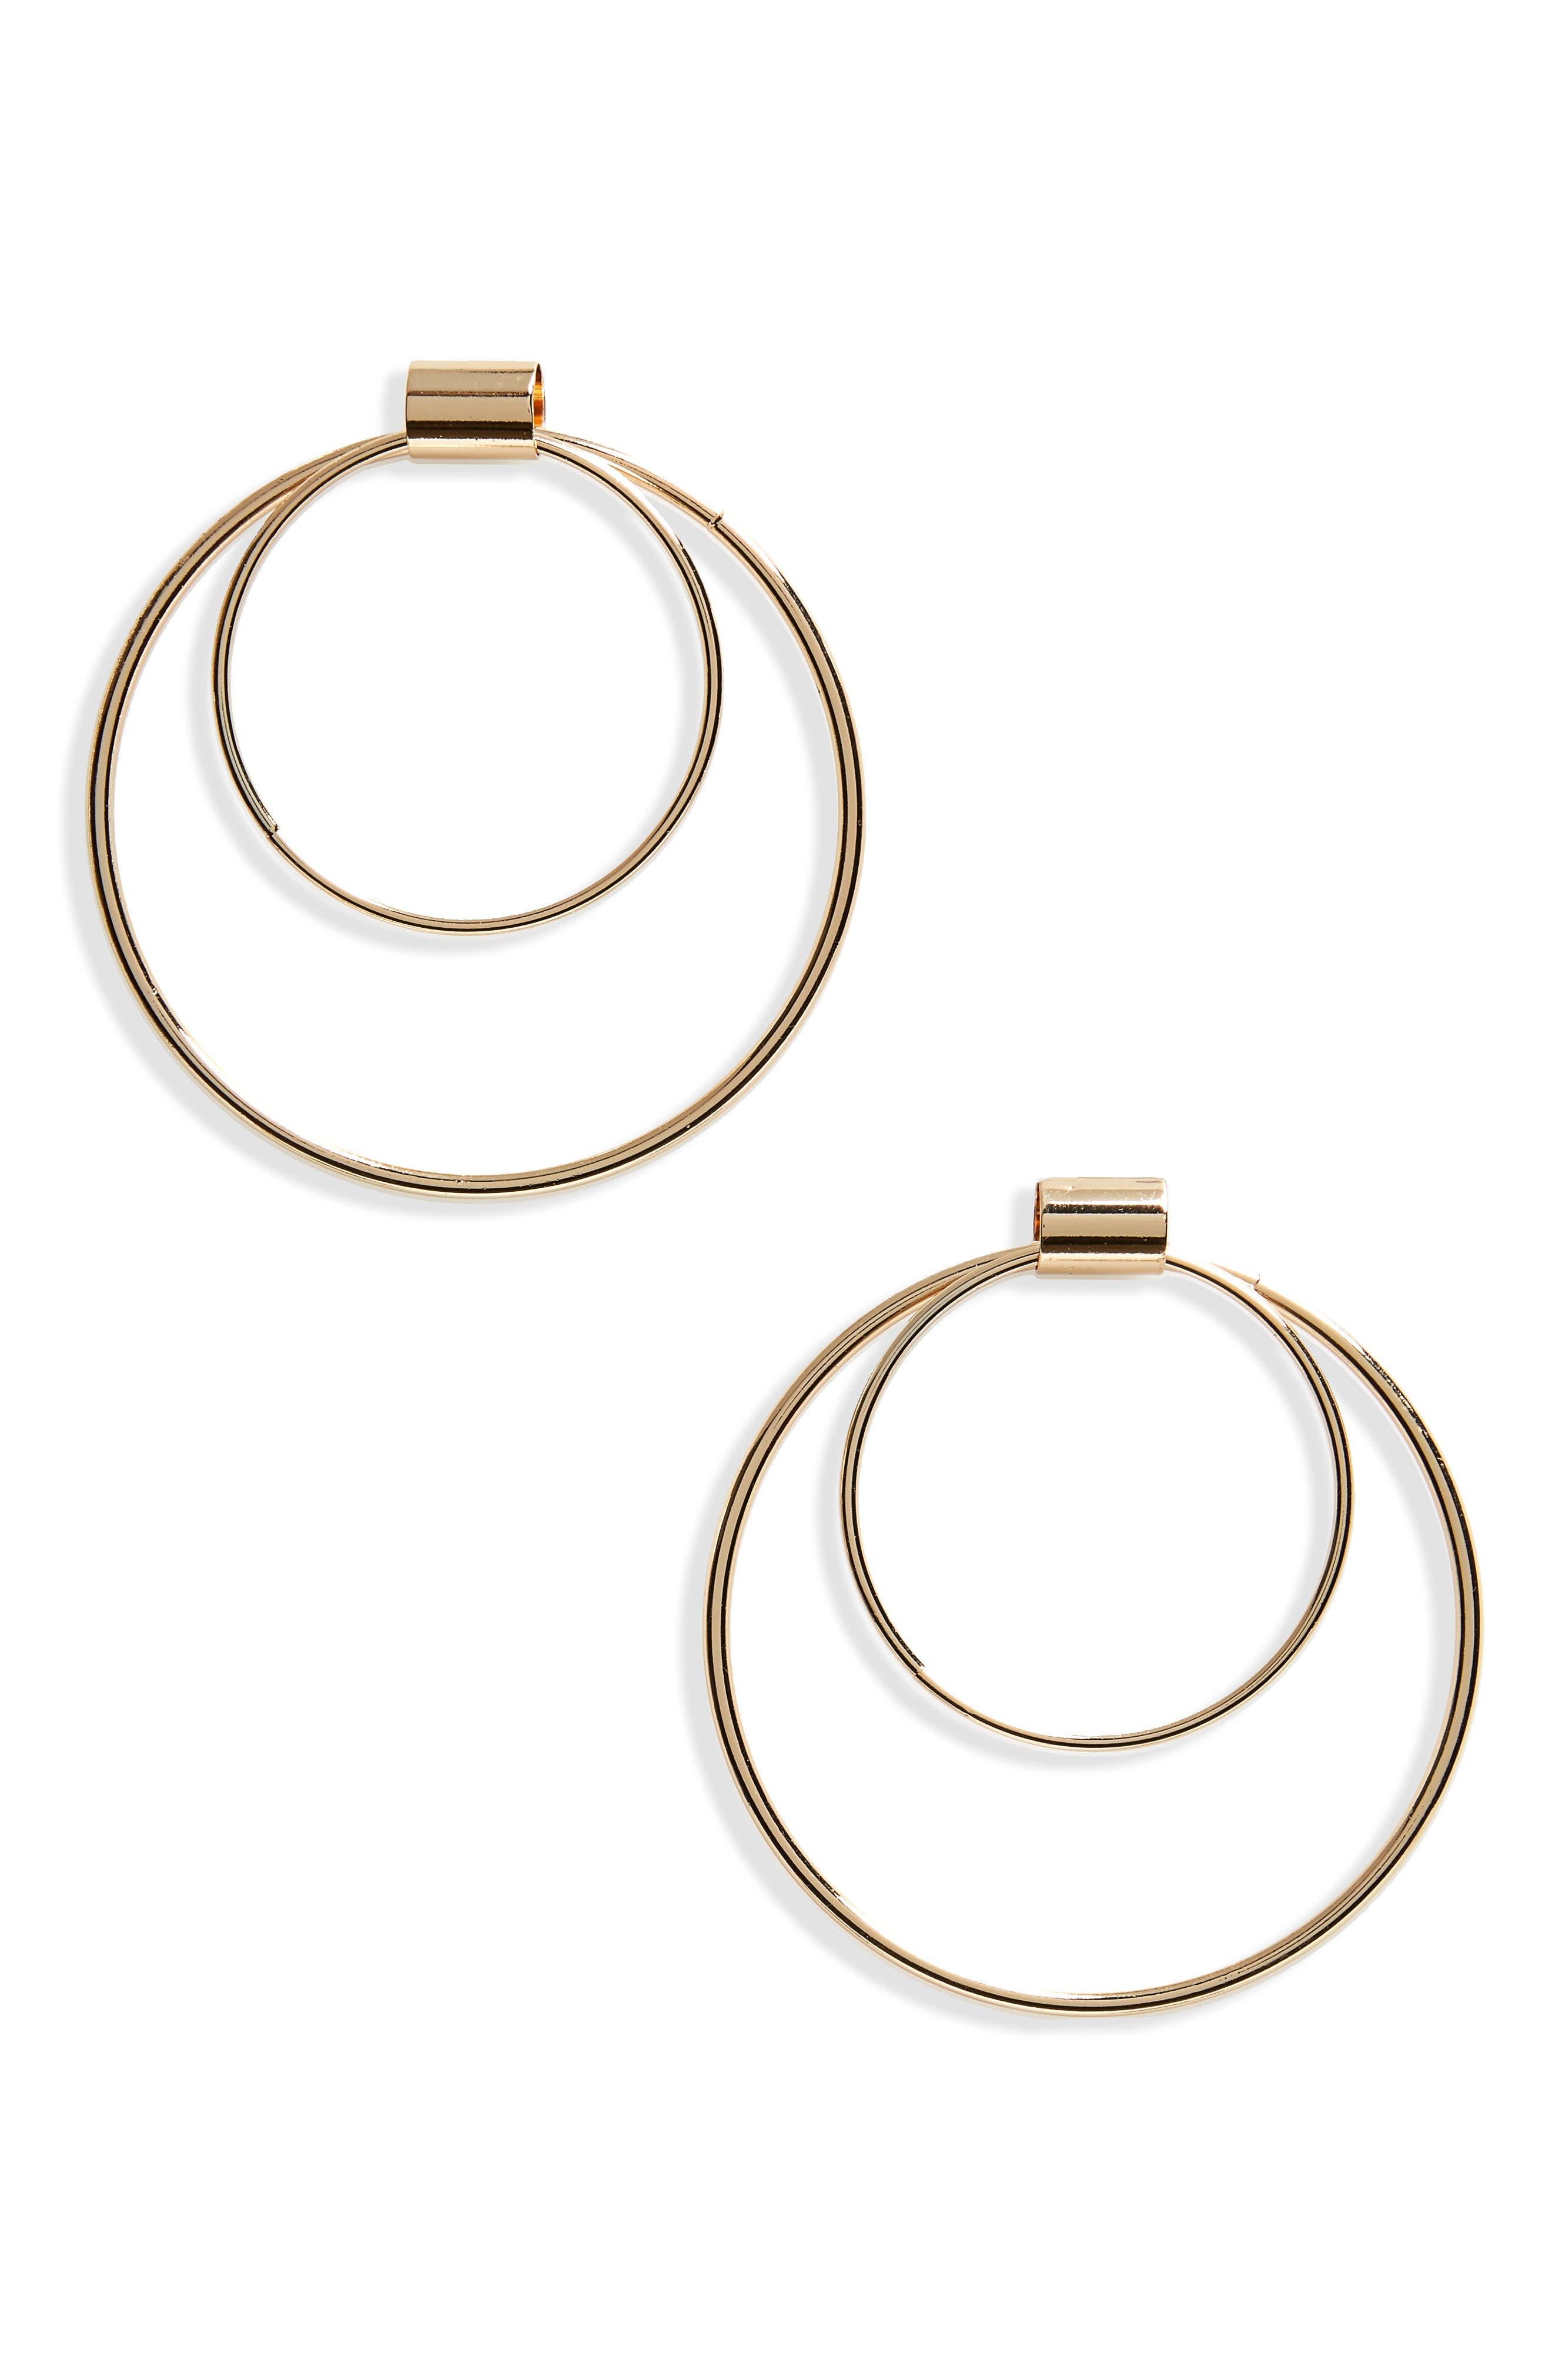 Main Image - BP. Double Hoop Earrings